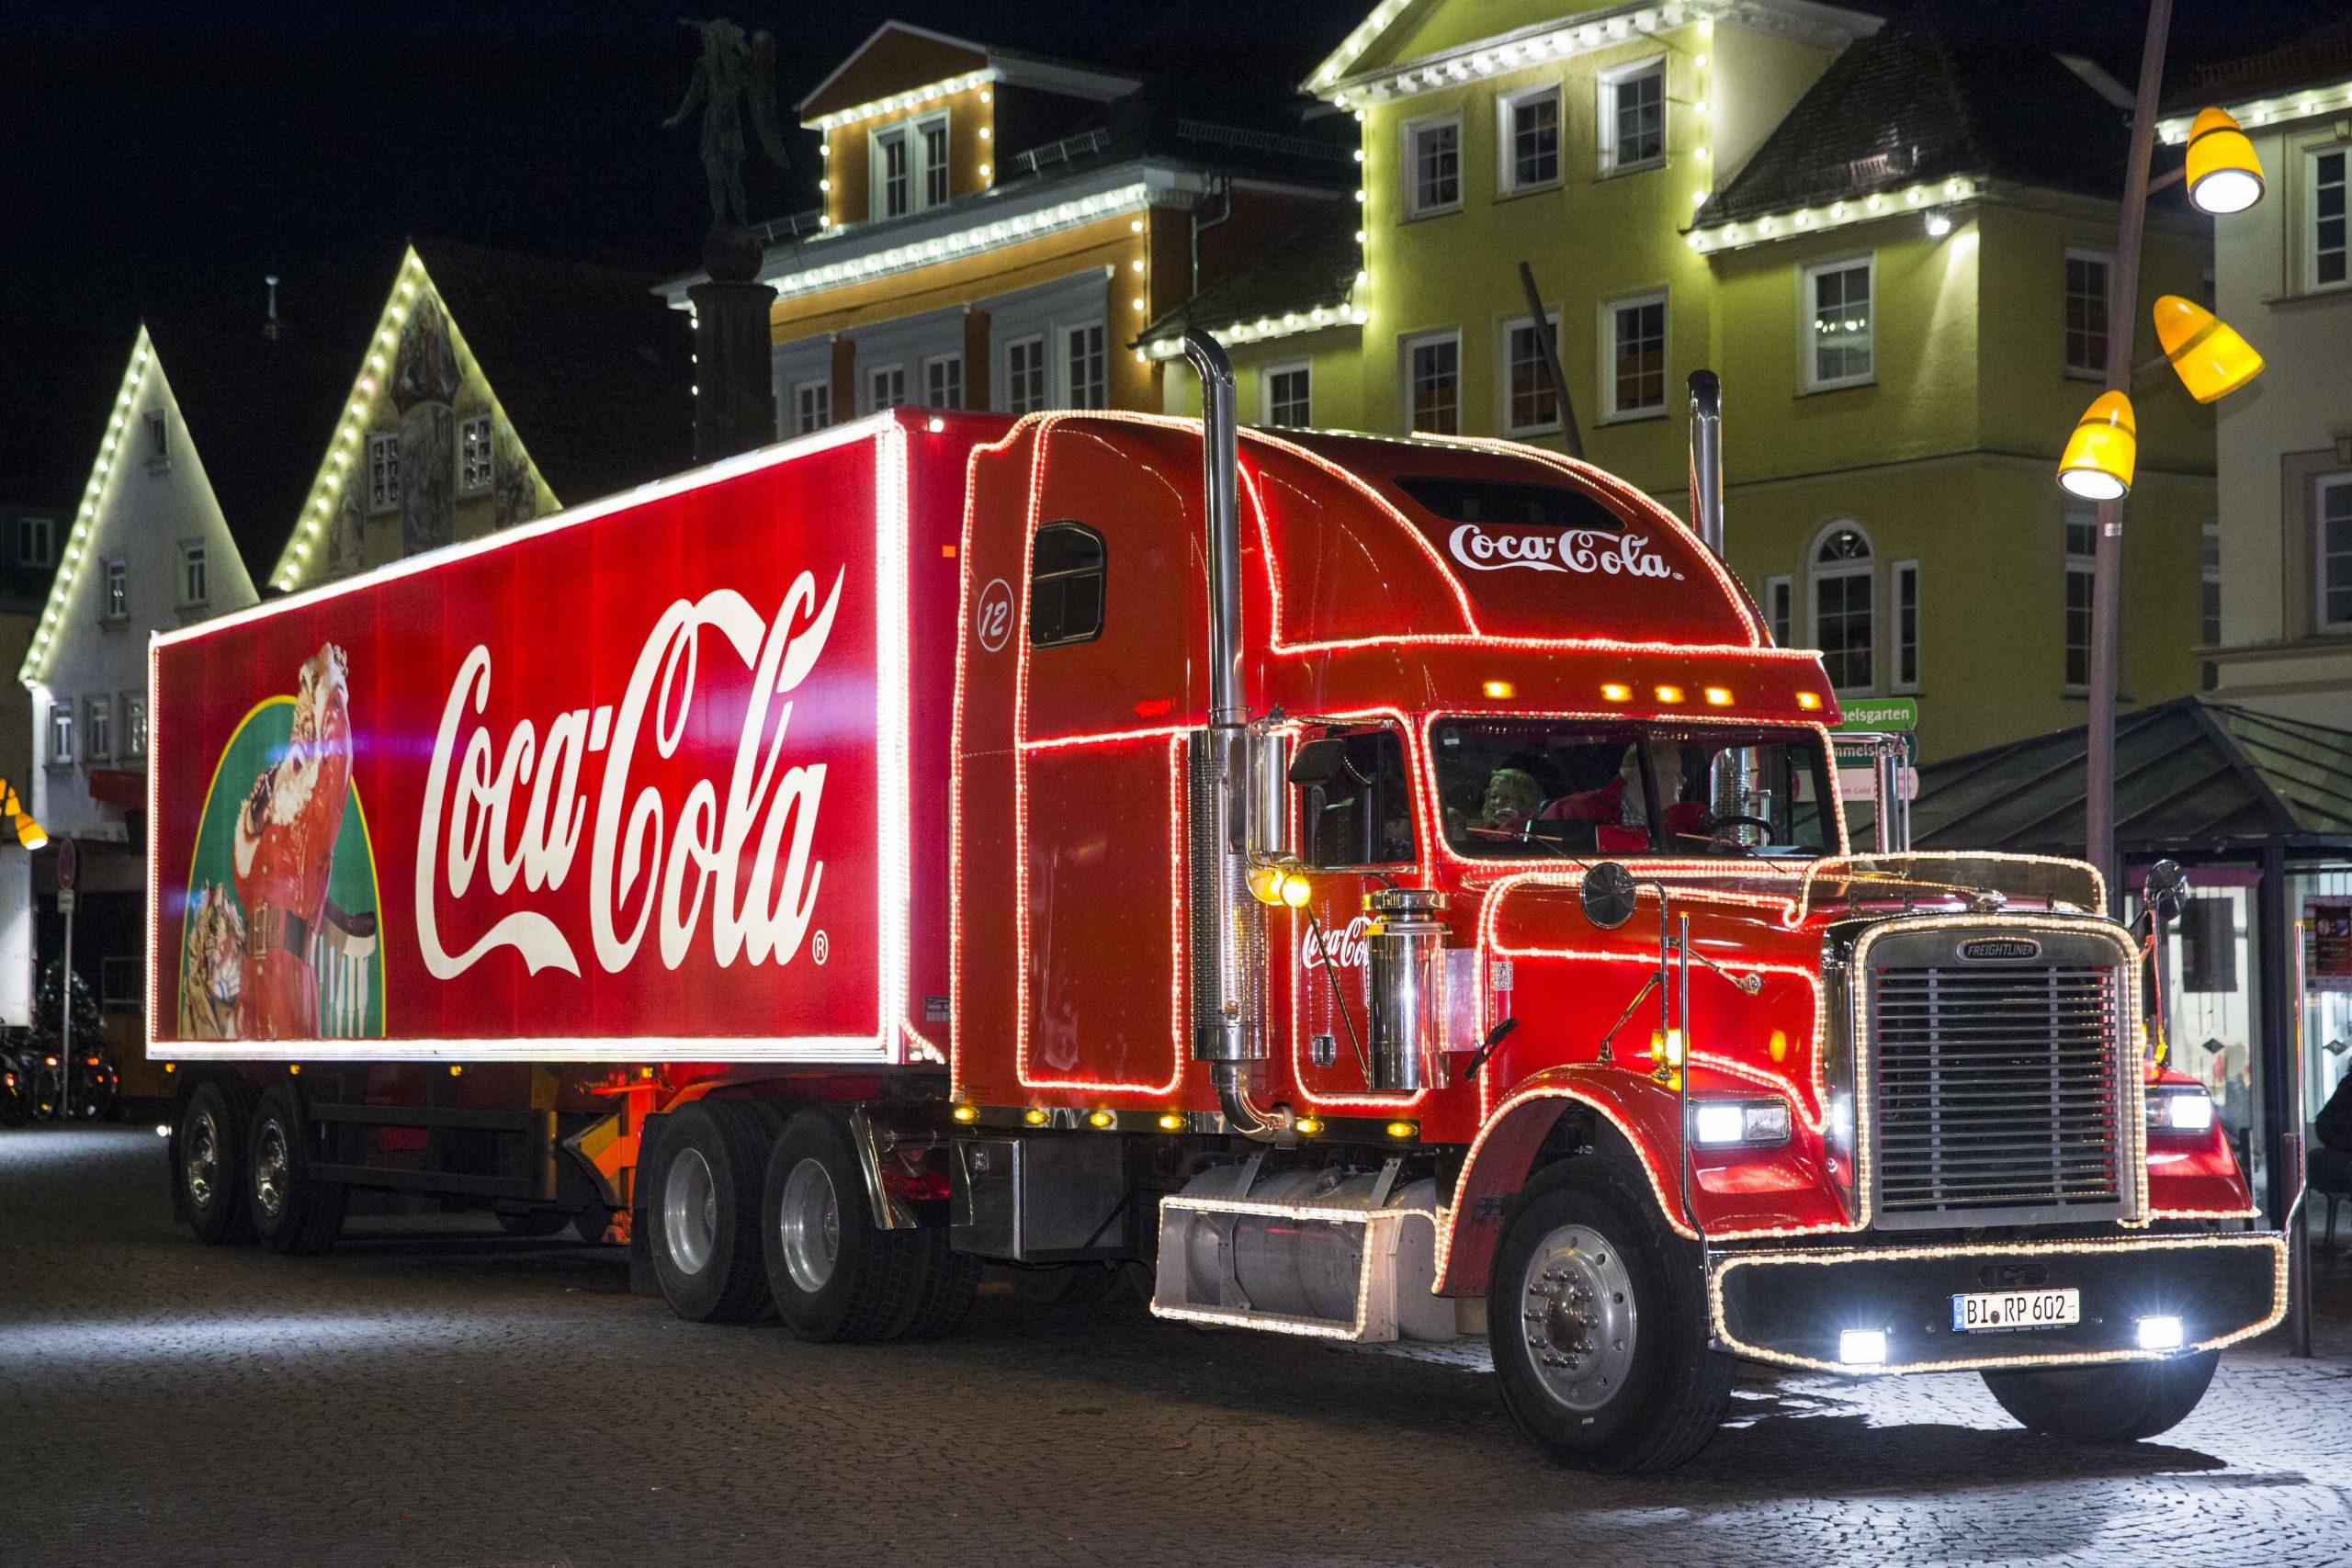 """Coca-Cola Weihnachtstour am 4.12.2014 in Schwäbisch Gmünd. Vom 29. November bis zum 22. Dezember sind die Coca-Cola Weihnachtstrucks wieder auf den Weg. Coca-Cola und Santa Claus laden ganz Deutschland ein, anderen eine Freude zu machen. Bereits zum 18. Mal sorgen die Coca‑Cola Weihnachtstrucks in insgesamt 60 Städten für Weihnachtsfreude. Außerdem engagiert sich Coca-Cola mittlerweile im siebten Jahr für die Charity-Aktion BILD hilft e.V. """"Ein Herz für Kinder"""". Foto: Gero Breloer für Coca-Cola Deutschland GmbH"""